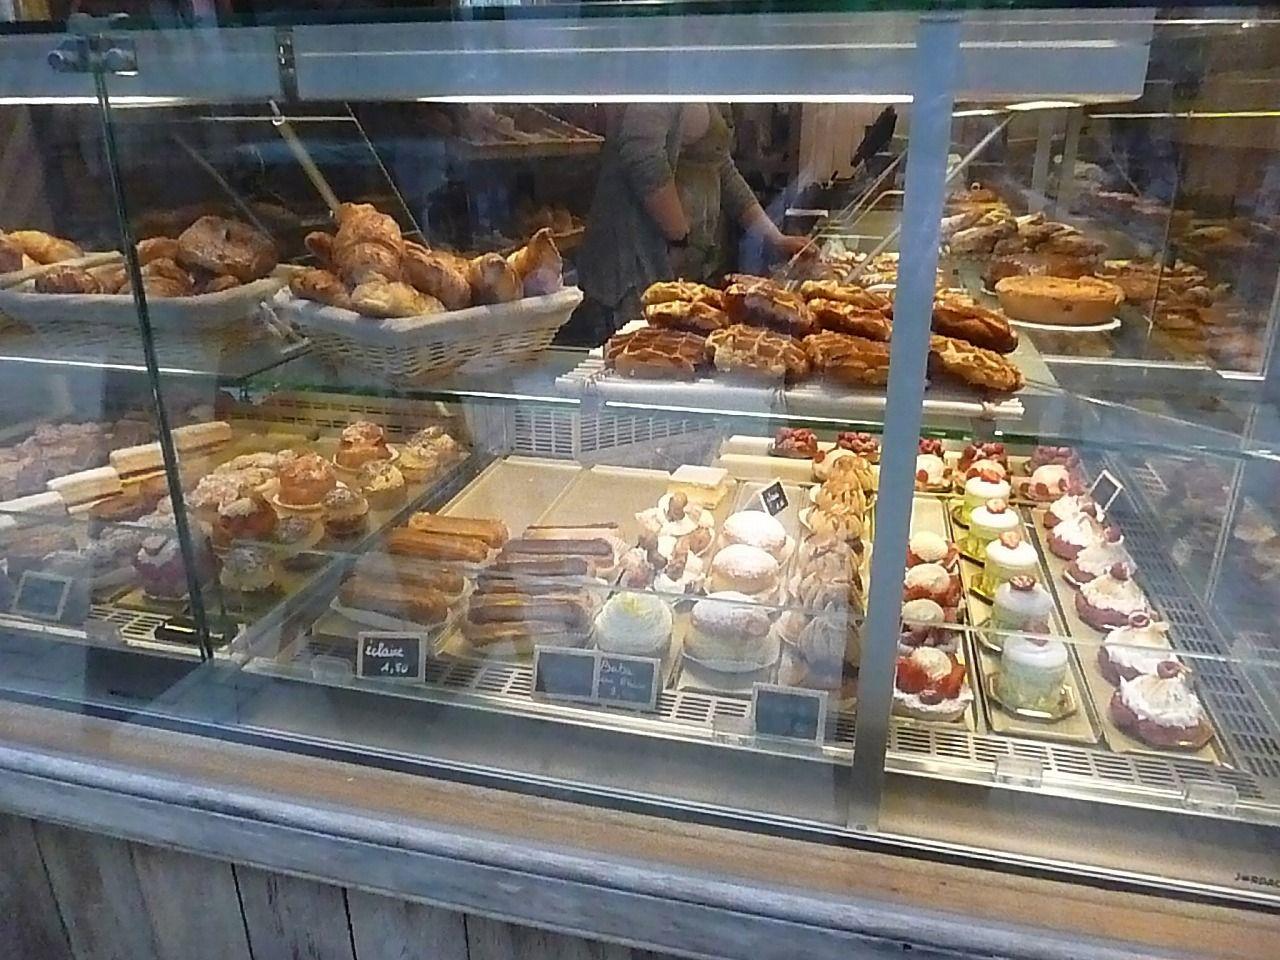 ケーキ屋さんのショーウインドーには、きれいで愛らしいケーキやワッフルが並びます。